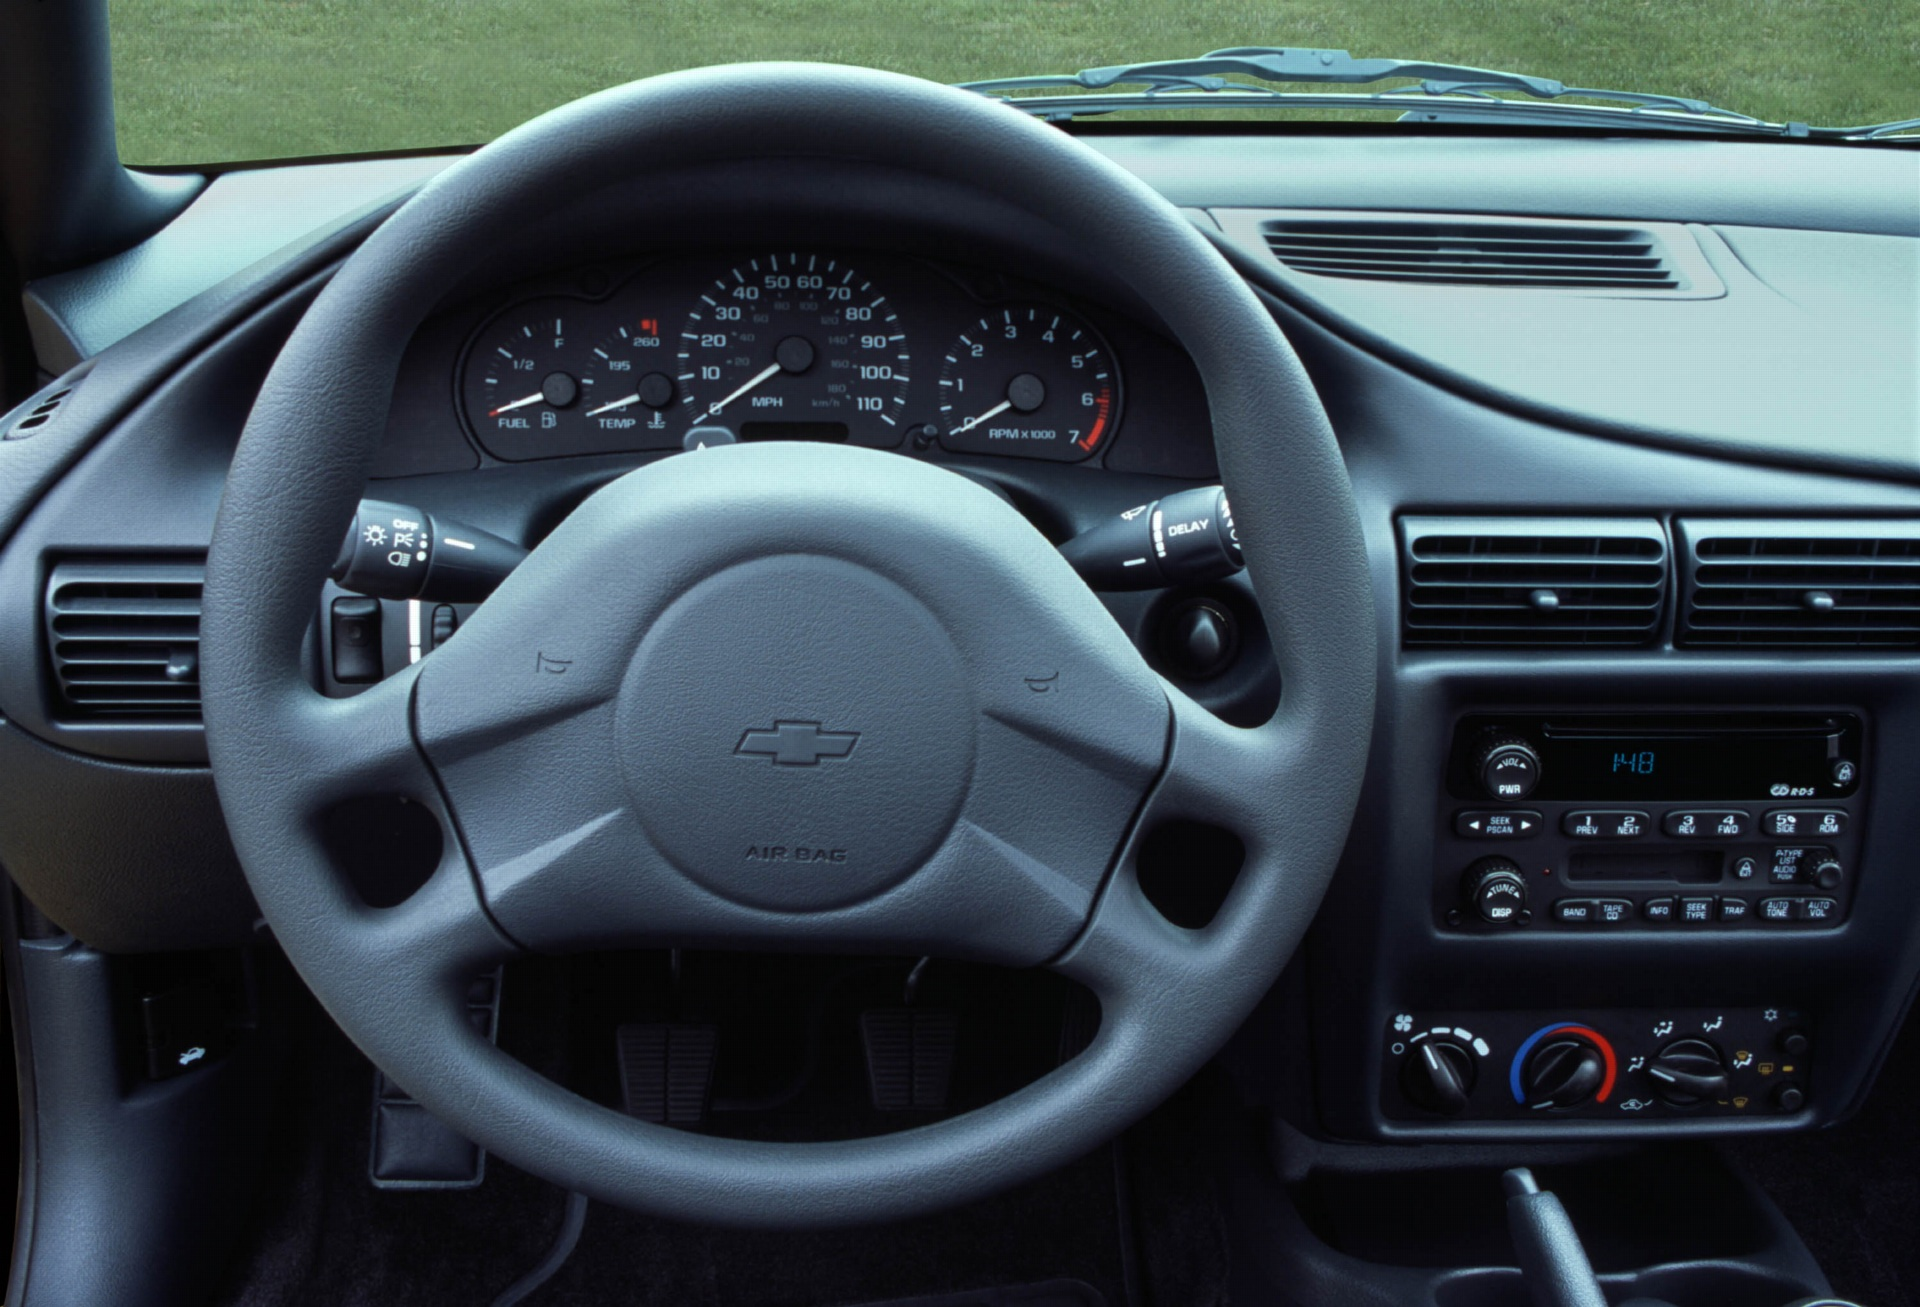 2004 chevrolet cavalier image - 2003 chevy cavalier interior parts ...